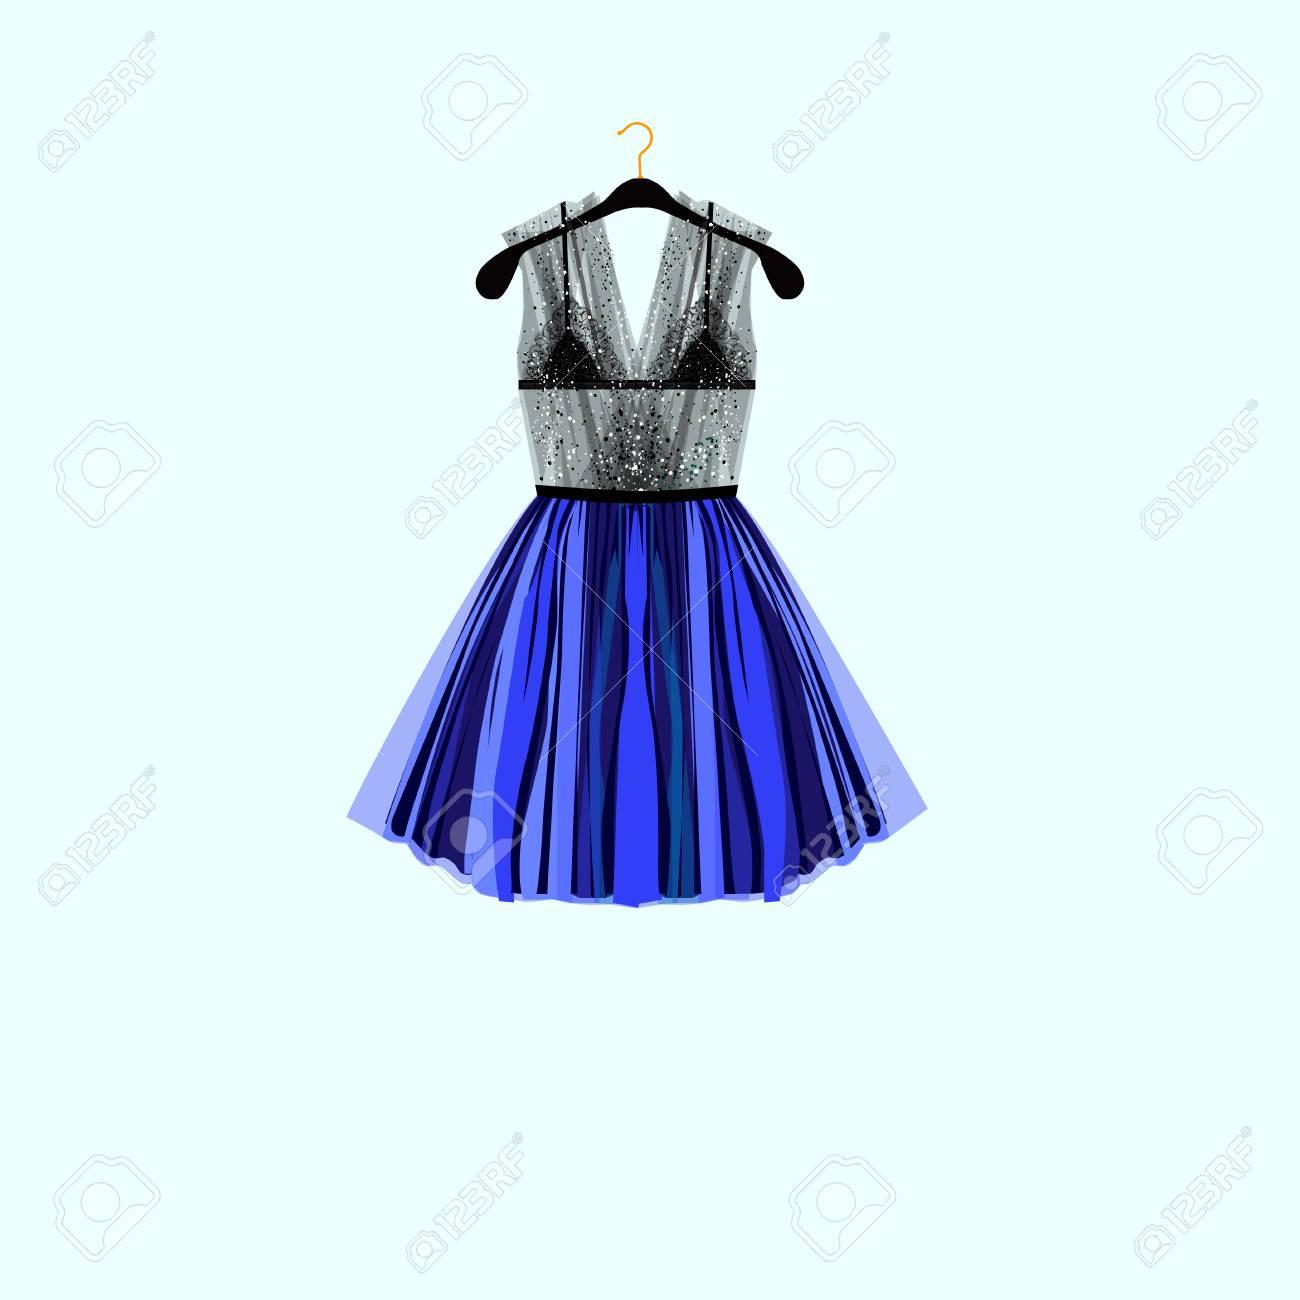 美しいパーティー ドレスブラック ラインス トーン ドレス